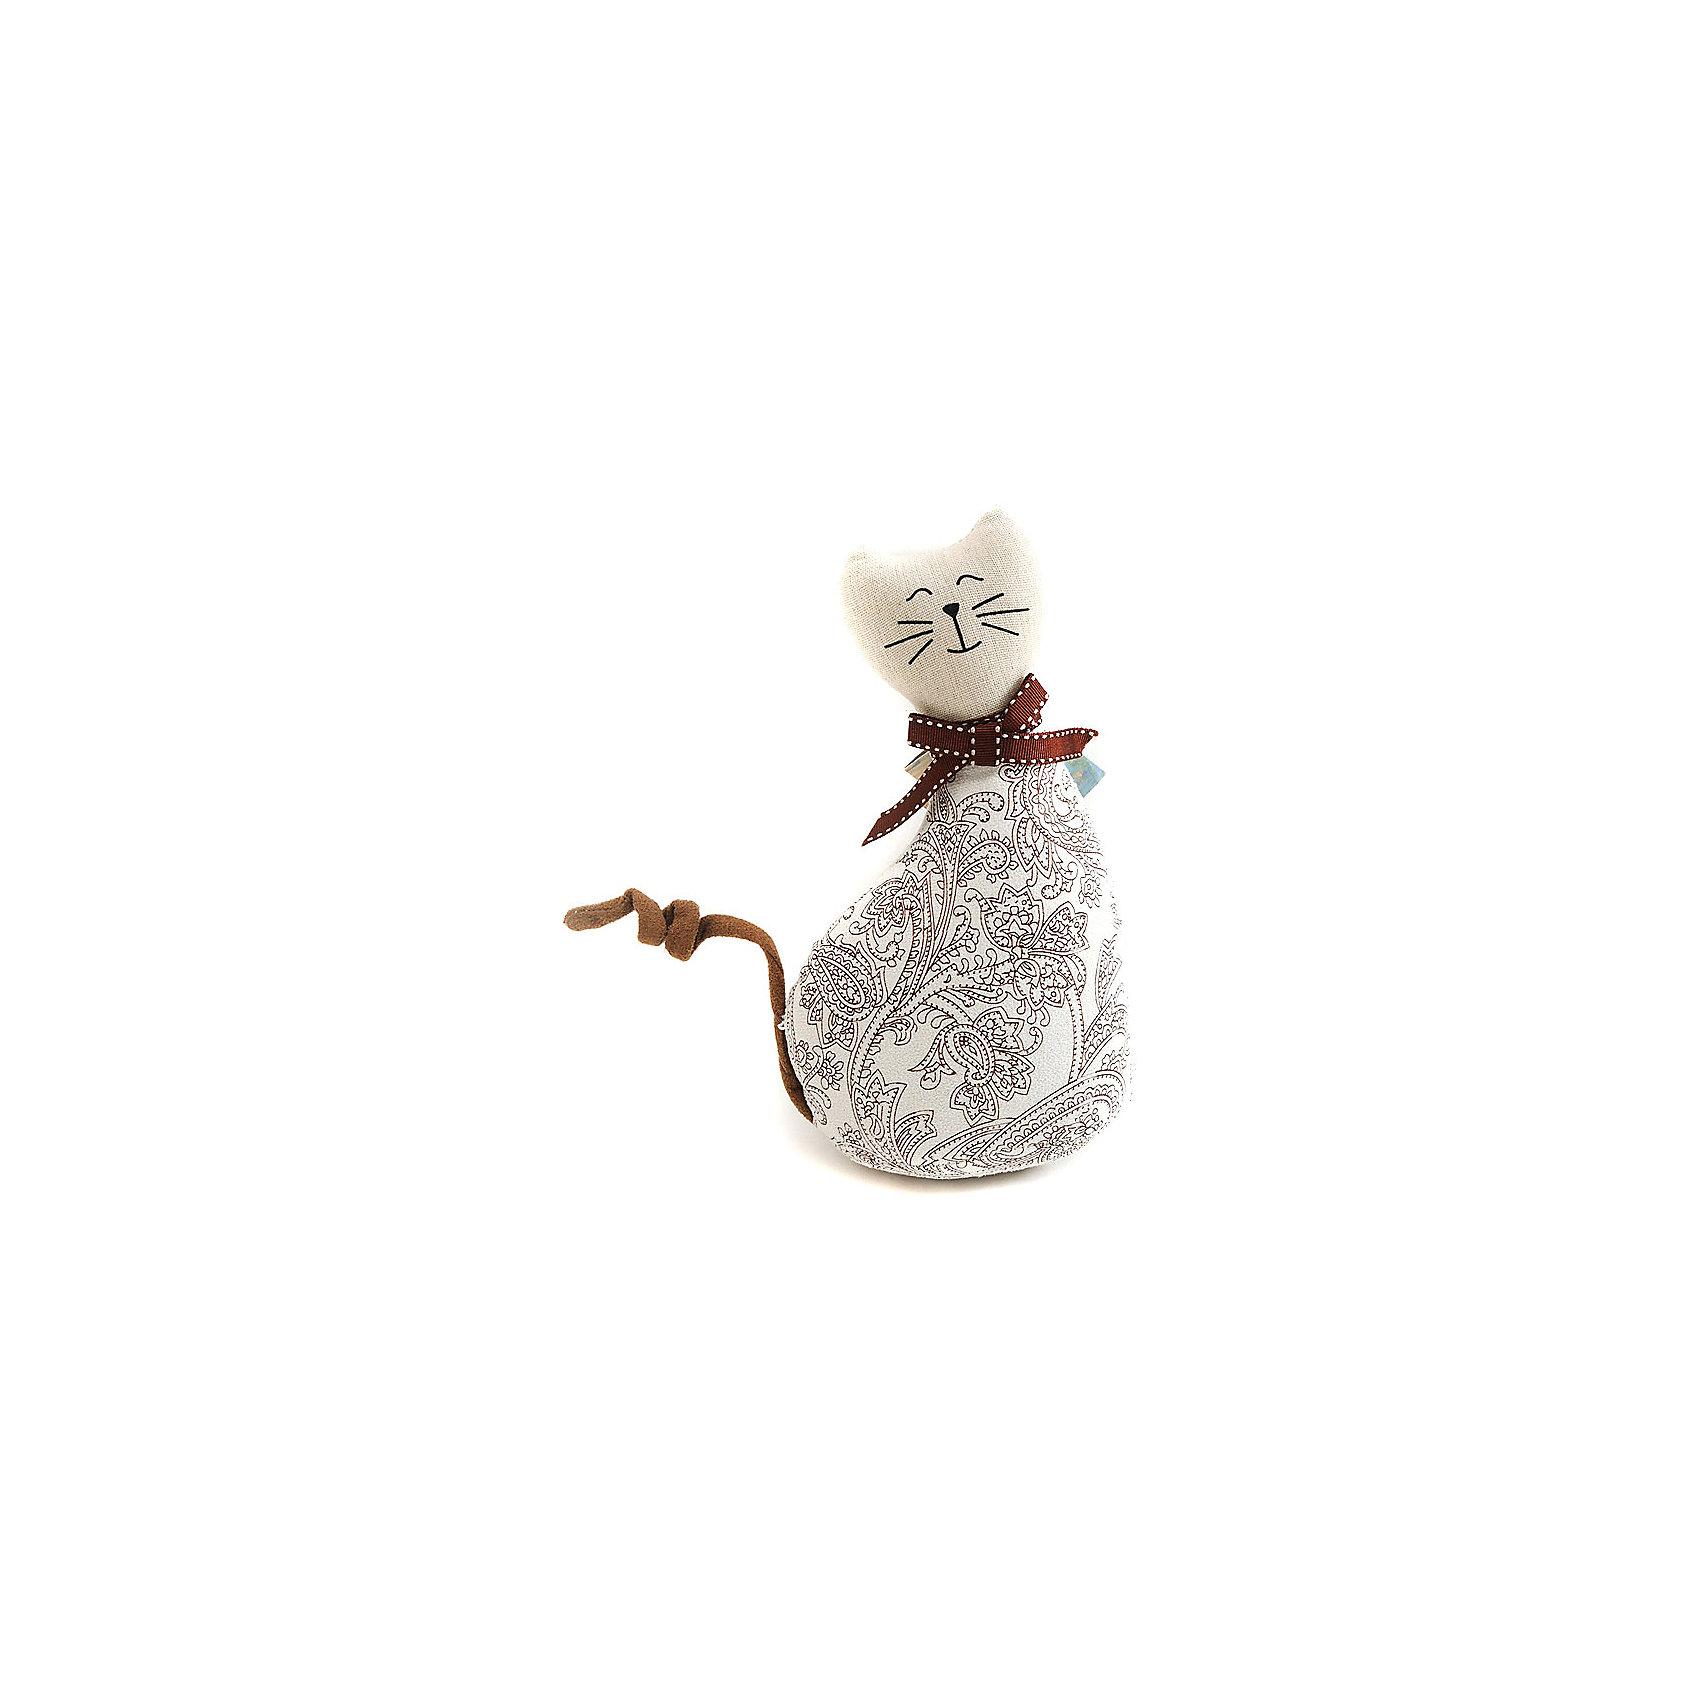 Кошка МурысяПредметы интерьера<br>Характеристики:<br><br>• Предназначение: для оформления интерьера<br>• Пол: универсальный<br>• Материал: текстиль<br>• Цвет: телесный, коричневый<br>• Размеры (высота игрушки): 22,5 см<br>• Вес в упаковке: 200 г <br><br>Кошка Мурыся – это интерьерная игрушка от торговой марки Белоснежка, специализирующейся на товарах для творчества и рукоделия. Кошка выполнен из текстиля с набивкой, внутри для устойчивости имеется утяжелитель. Использованные при изготовлении материалы гипоаллергенные. Игрушка имеет форму статуэтки, поэтому ее можно поставить на полку. Мурыся может стать прекрасным подарком на новоселье с пожеланиями благополучия, удачи, мира и добра.<br><br>Кошку Мурысю можно купить в нашем интернет-магазине.<br><br>Ширина мм: 225<br>Глубина мм: 115<br>Высота мм: 80<br>Вес г: 4420<br>Возраст от месяцев: 72<br>Возраст до месяцев: 144<br>Пол: Унисекс<br>Возраст: Детский<br>SKU: 5089808